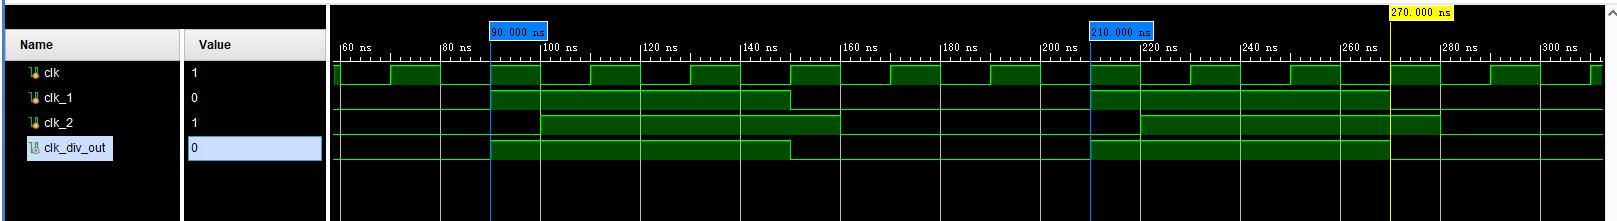 integer_div6_out.png